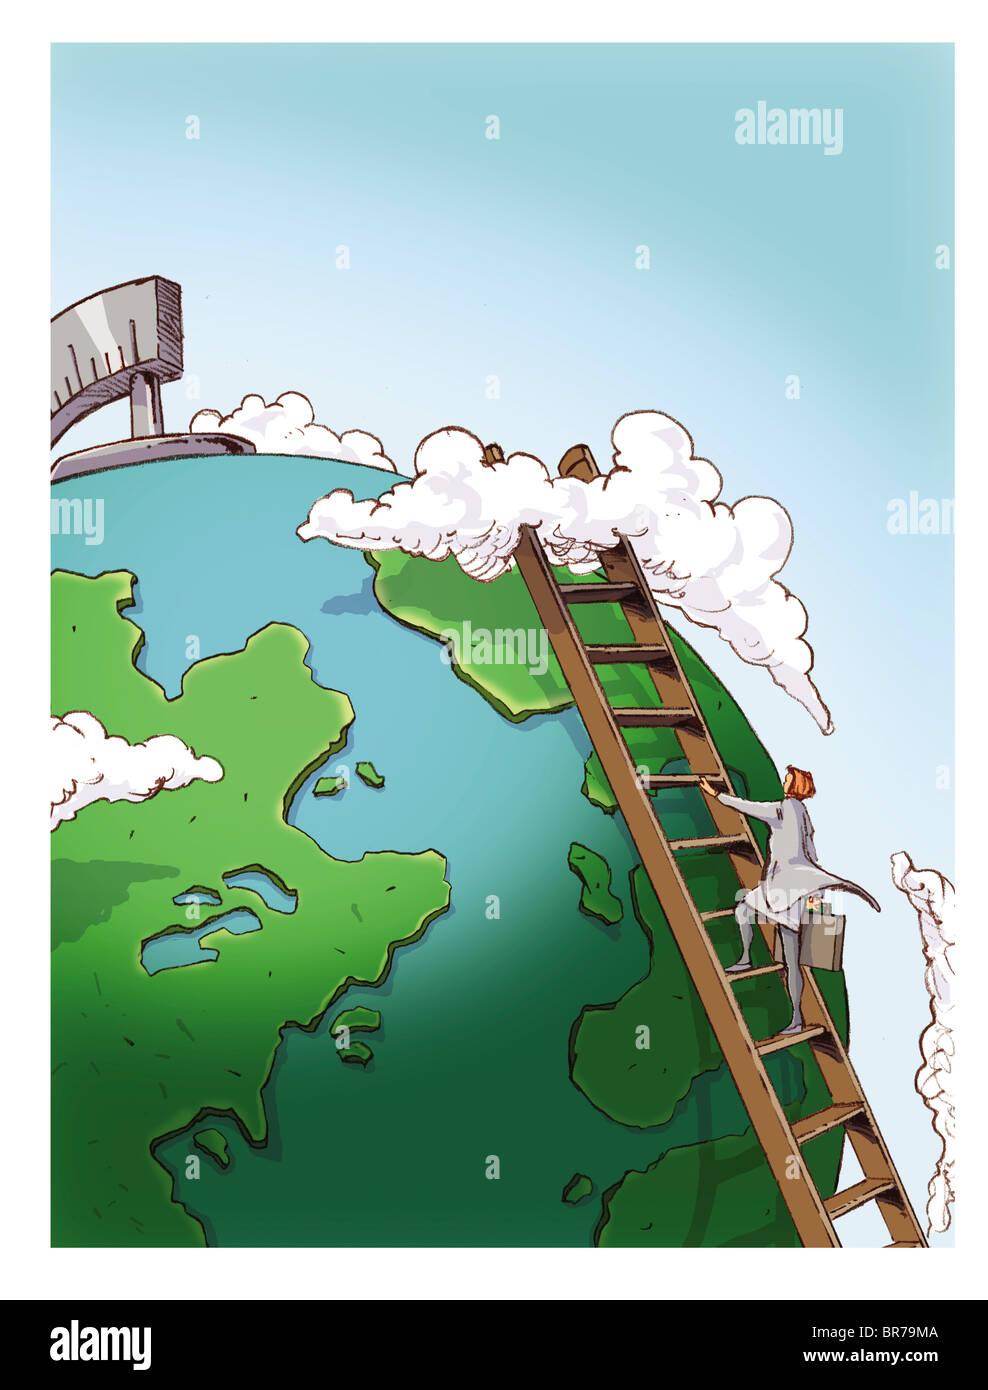 Imprenditrice salire una scala a pioli per raggiungere la parte superiore del globo Immagini Stock